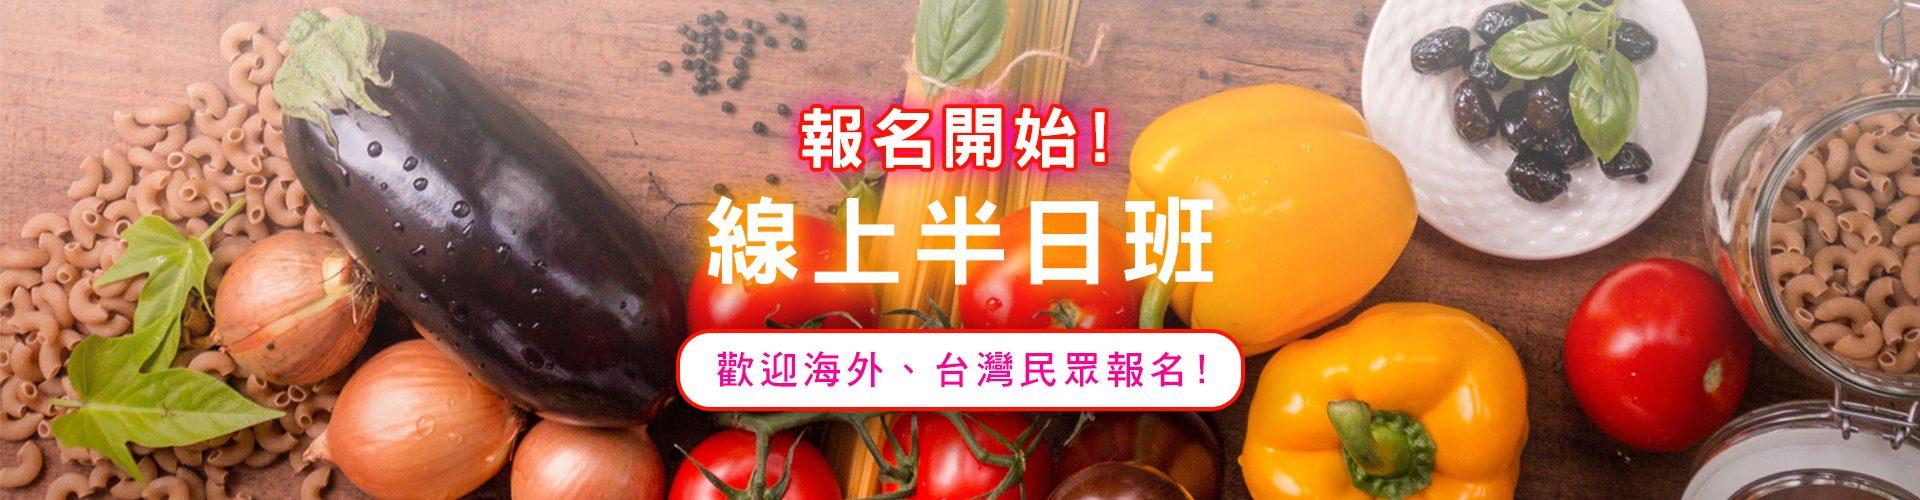 線上半日班,歡迎海外、台灣民眾報名